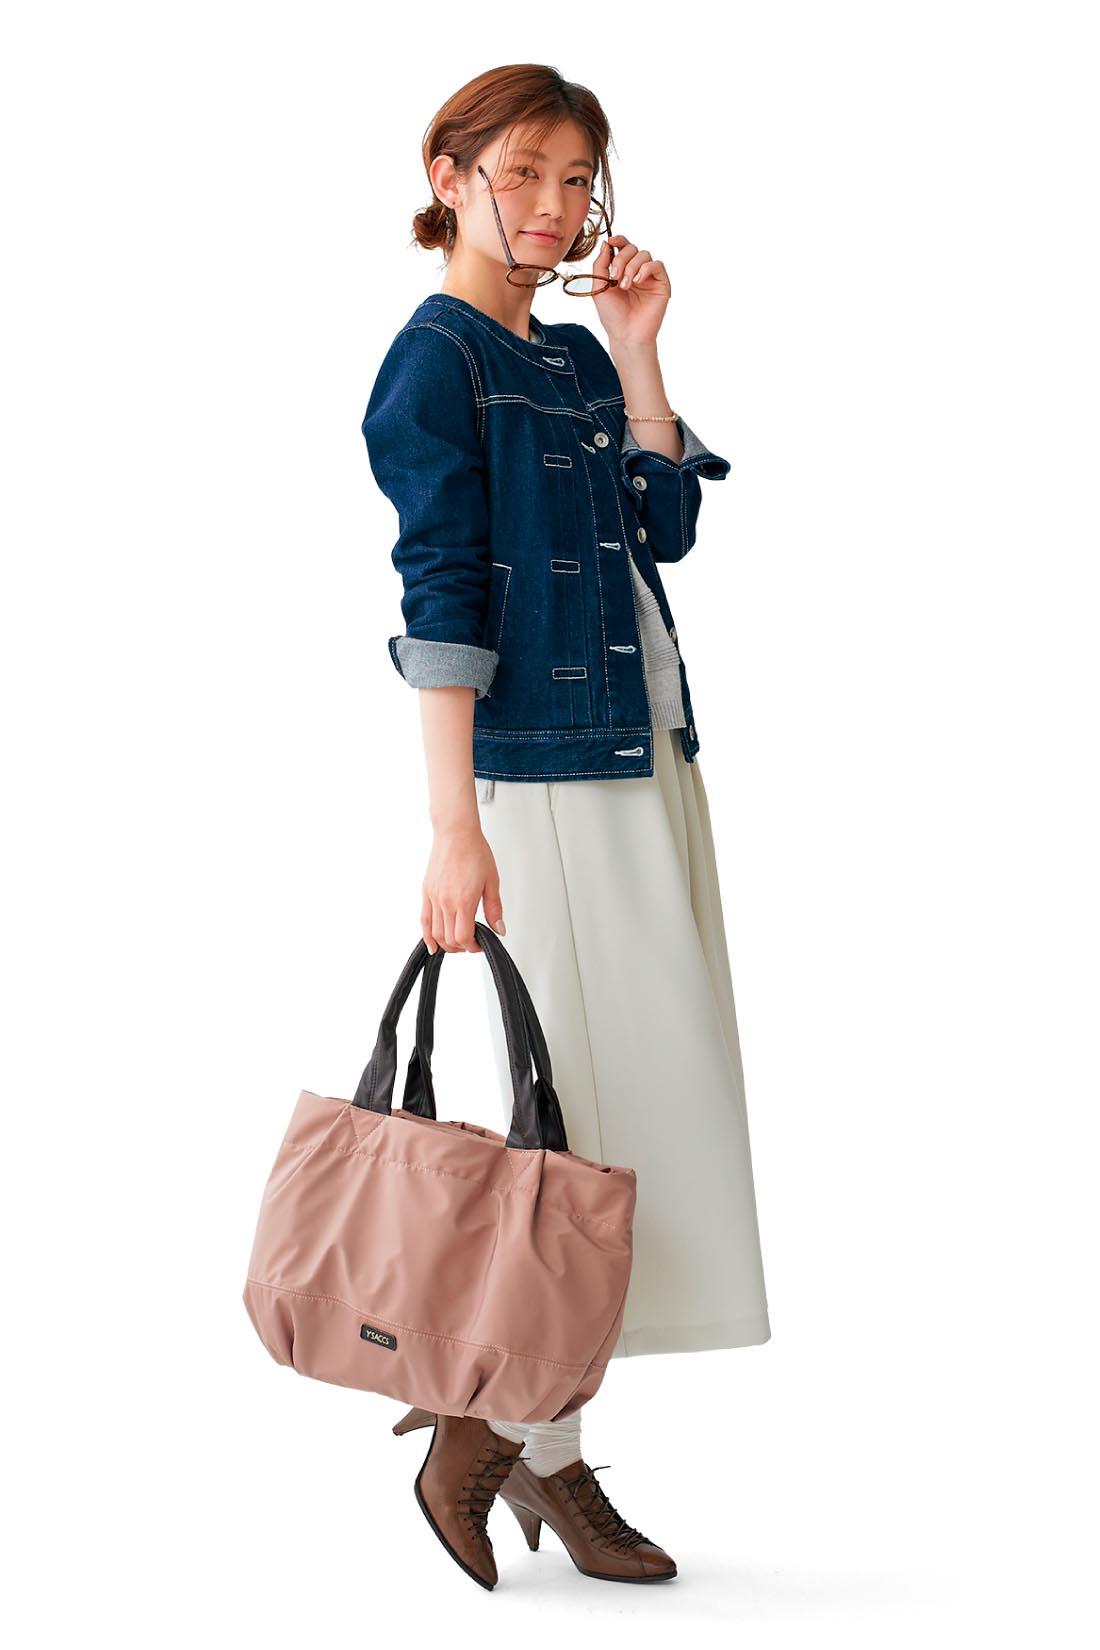 荷物の多い一泊出張にも 書類に着替え、メイク道具。働く女の必需品をサクッとまとめて、いざ出張!! ビジネスライクに寄りすぎない、ほの甘ベージュピンクが着こなしのポイントに。